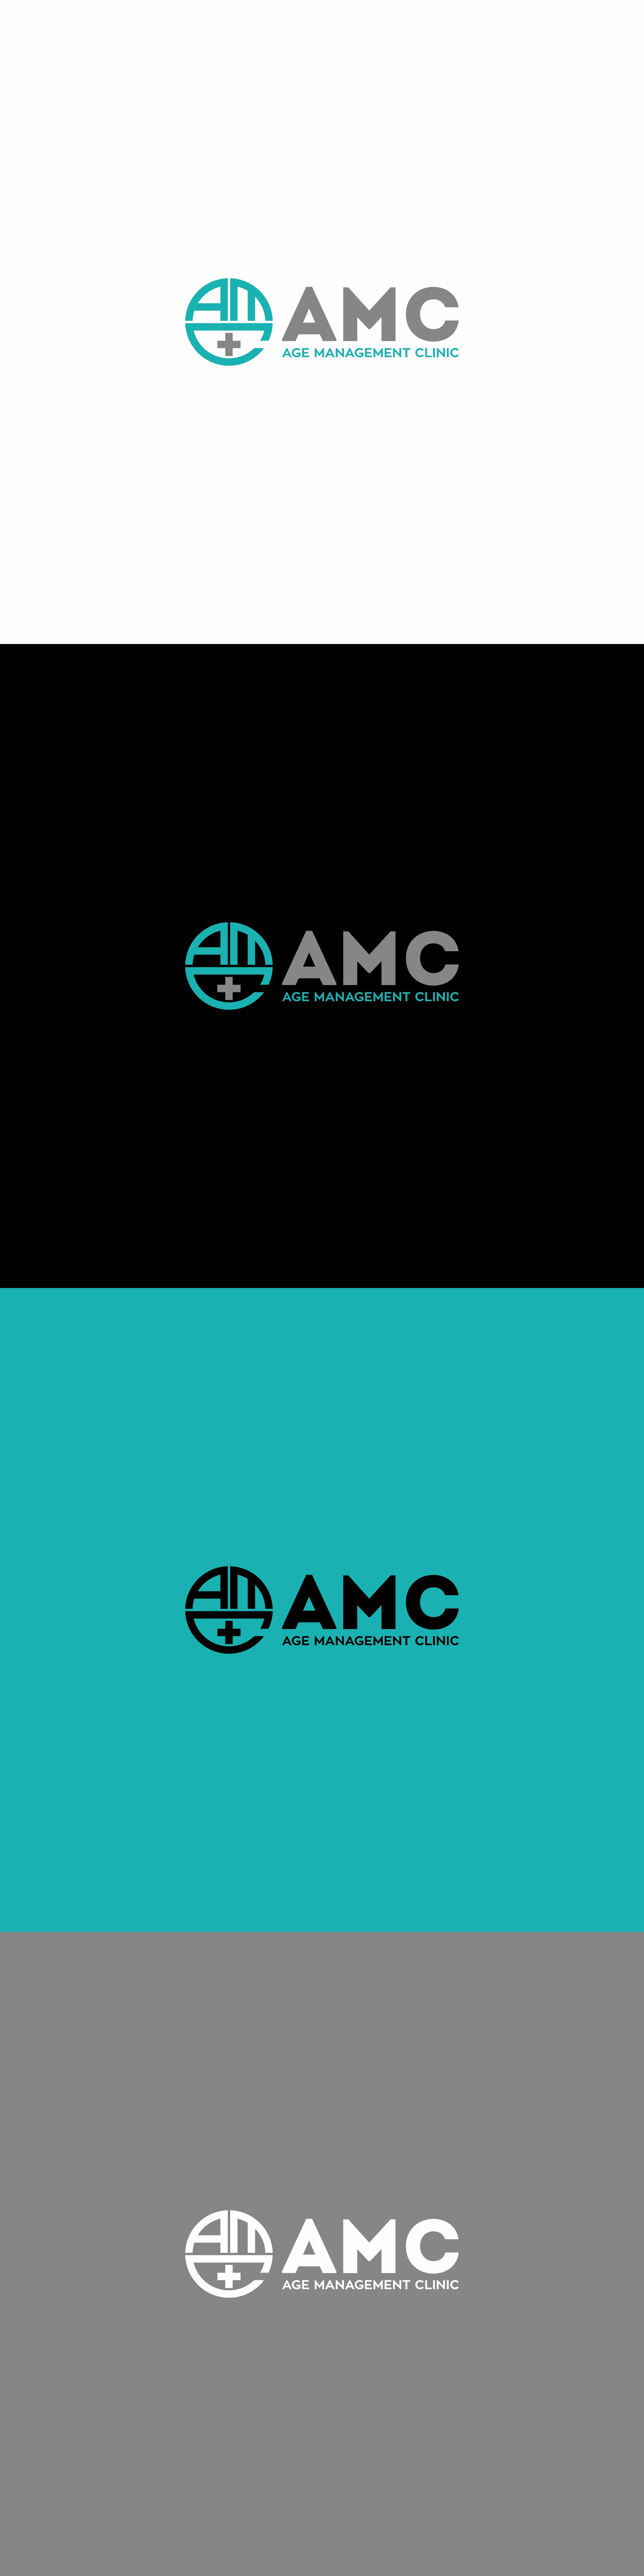 Логотип для медицинского центра (клиники)  фото f_6215ba0b770192c2.jpg